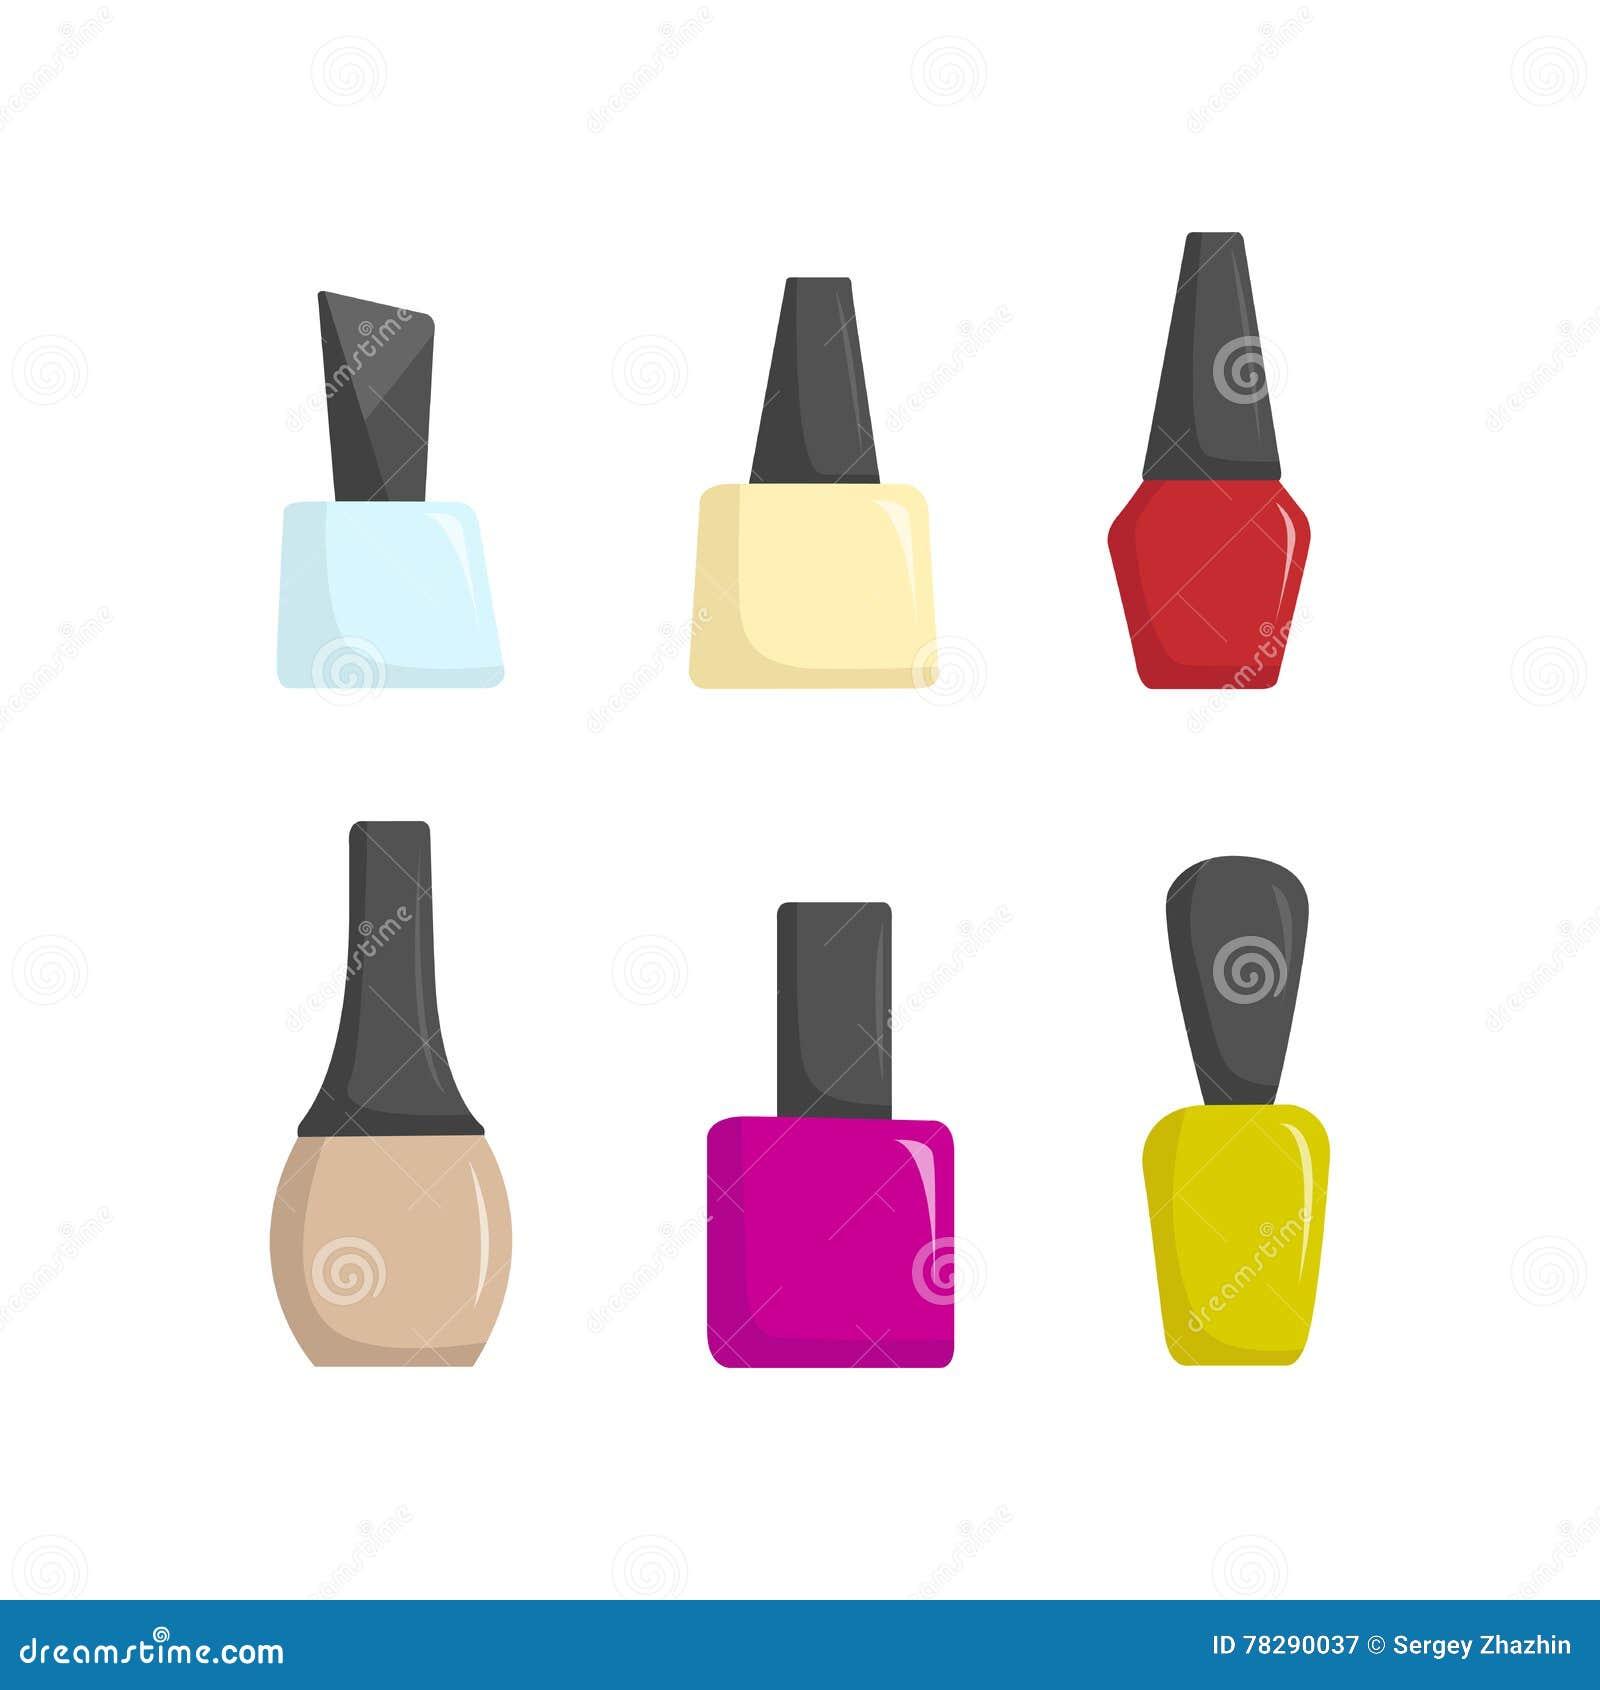 Nagellak kleurrijke kruiken, het beeldverhaal vectorillustratie van de schoonheidssalon